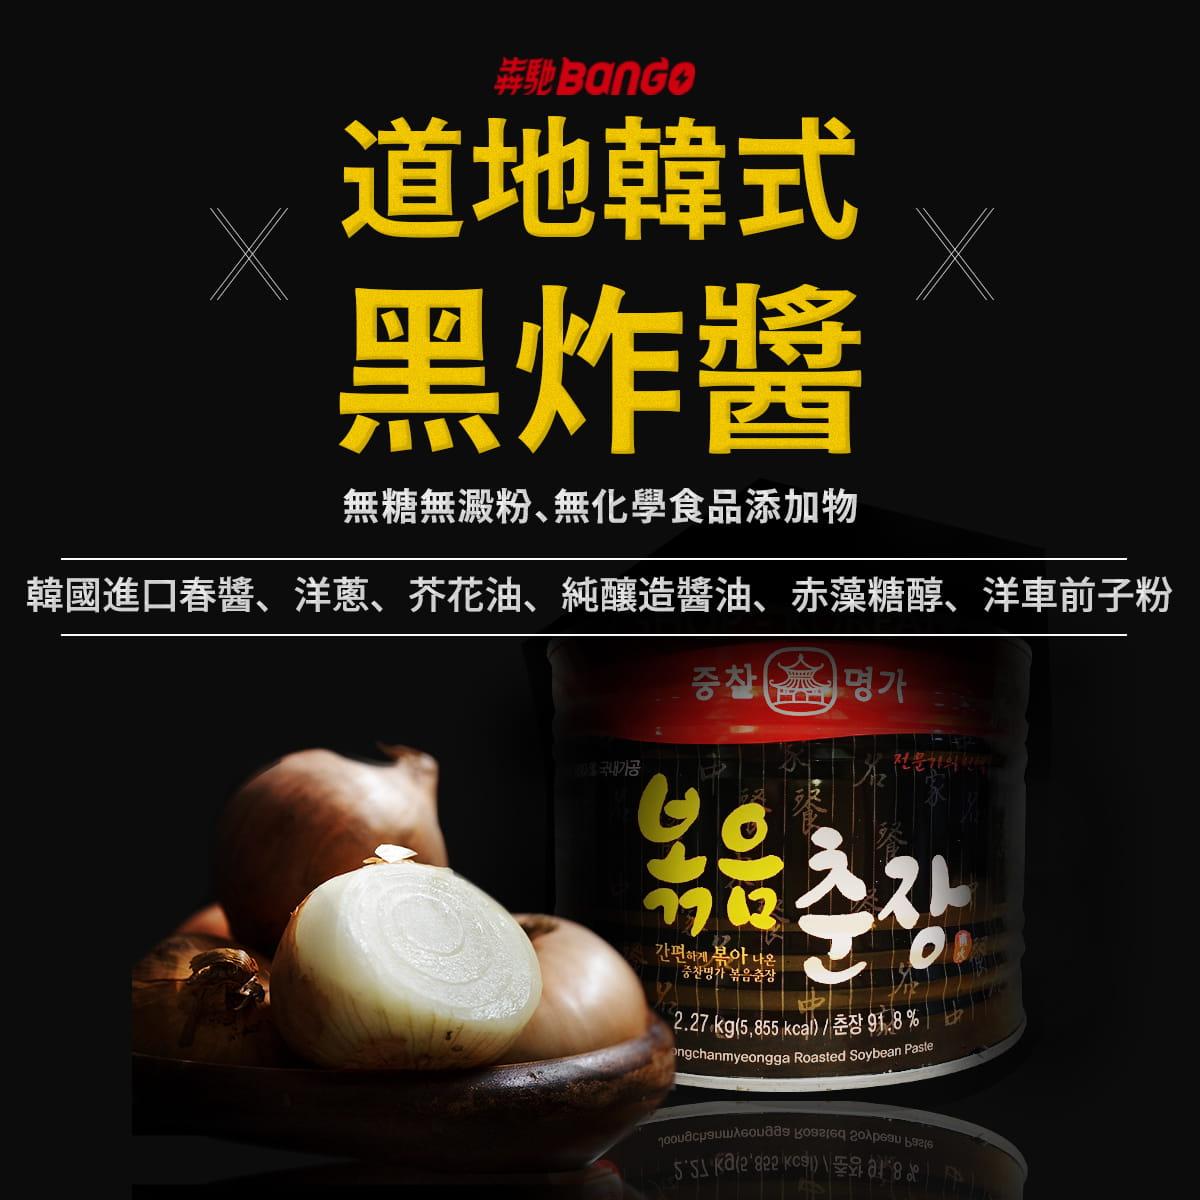 【Bango】無澱粉韓式炸醬拉麵/擔擔麻醬拉麵 3